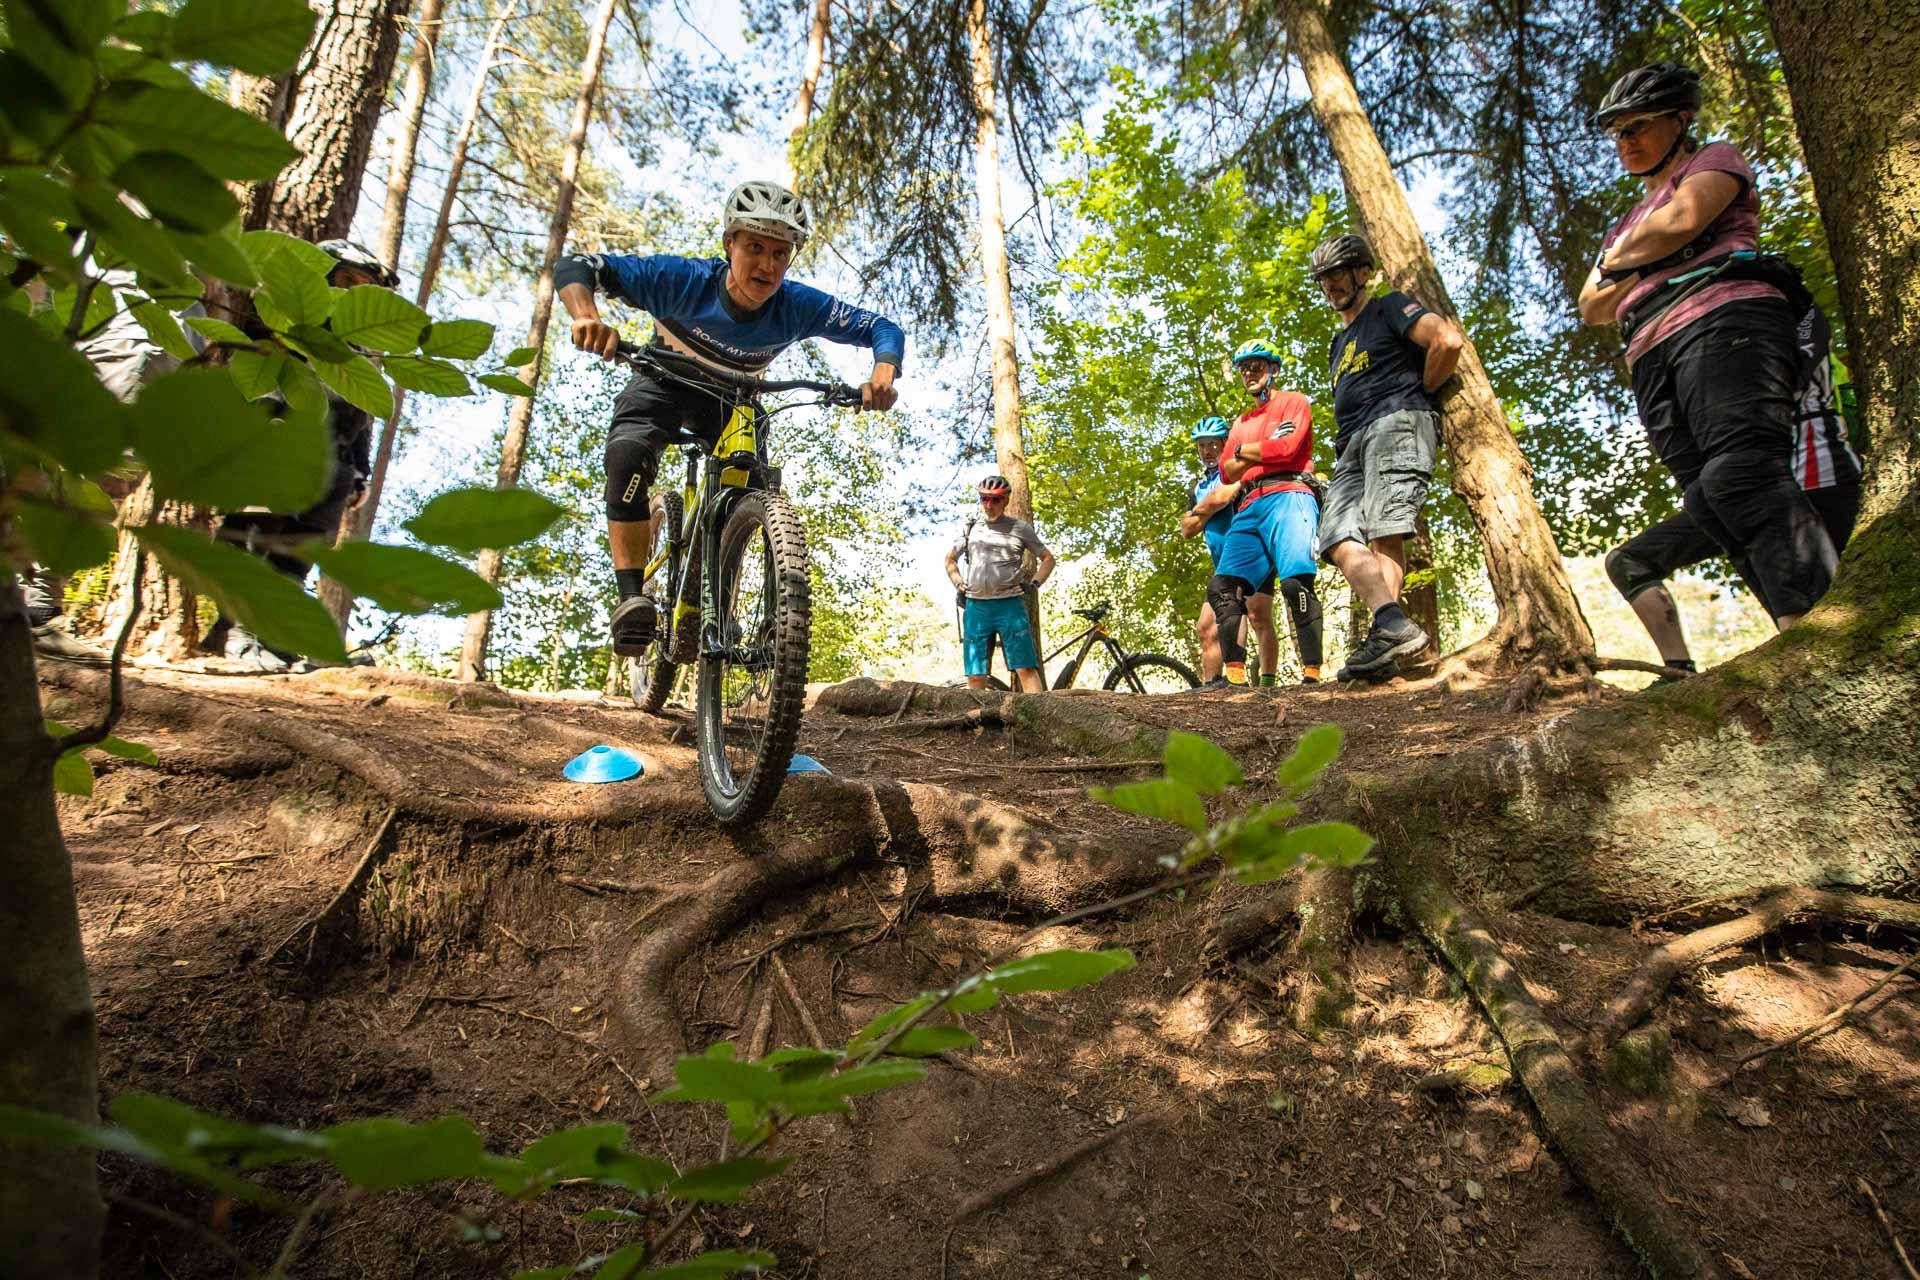 eMTB Fortgeschritten Fahrtechnik Kurs in Bad Orb Spessart - Rock my Trail Bikeschule - 4